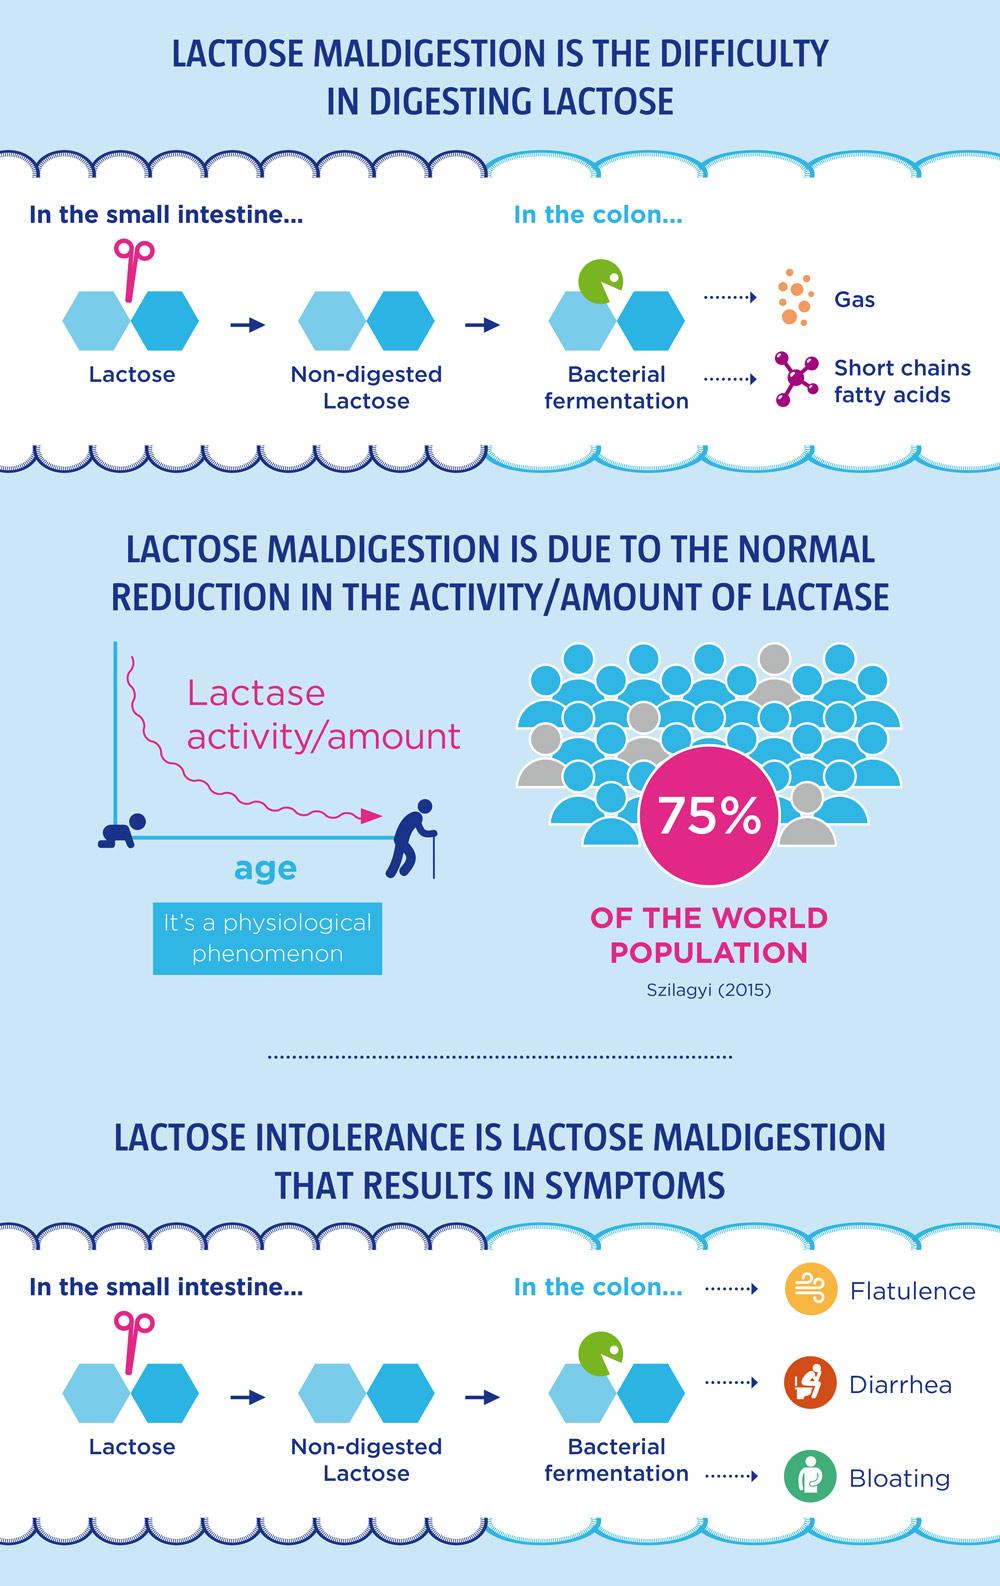 infographic-lactose-wgo-2